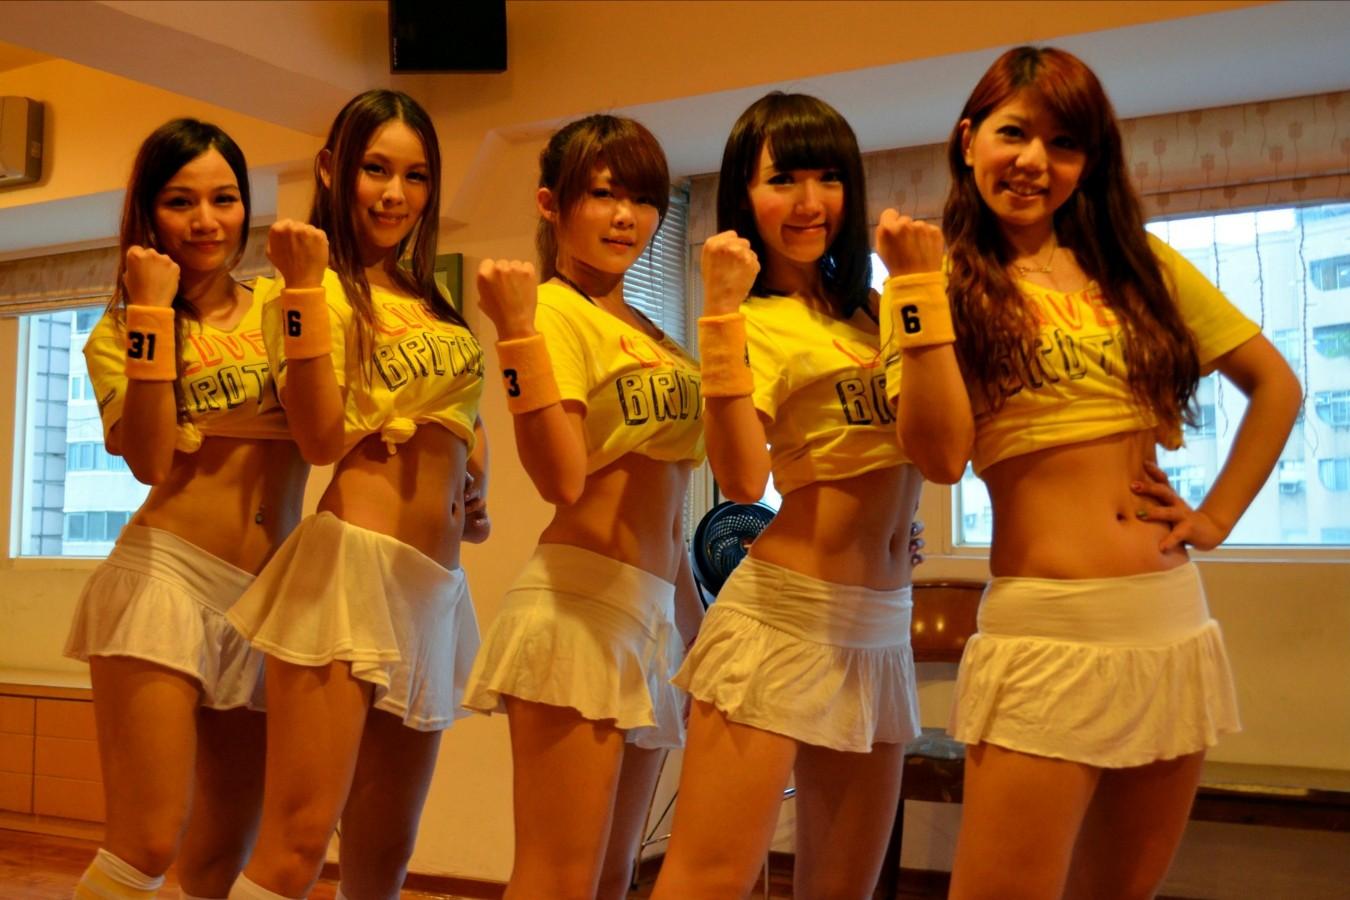 日本肉食系_【即ハボ】日本上陸してほしすぎる台湾美女のチアガール集団 ...